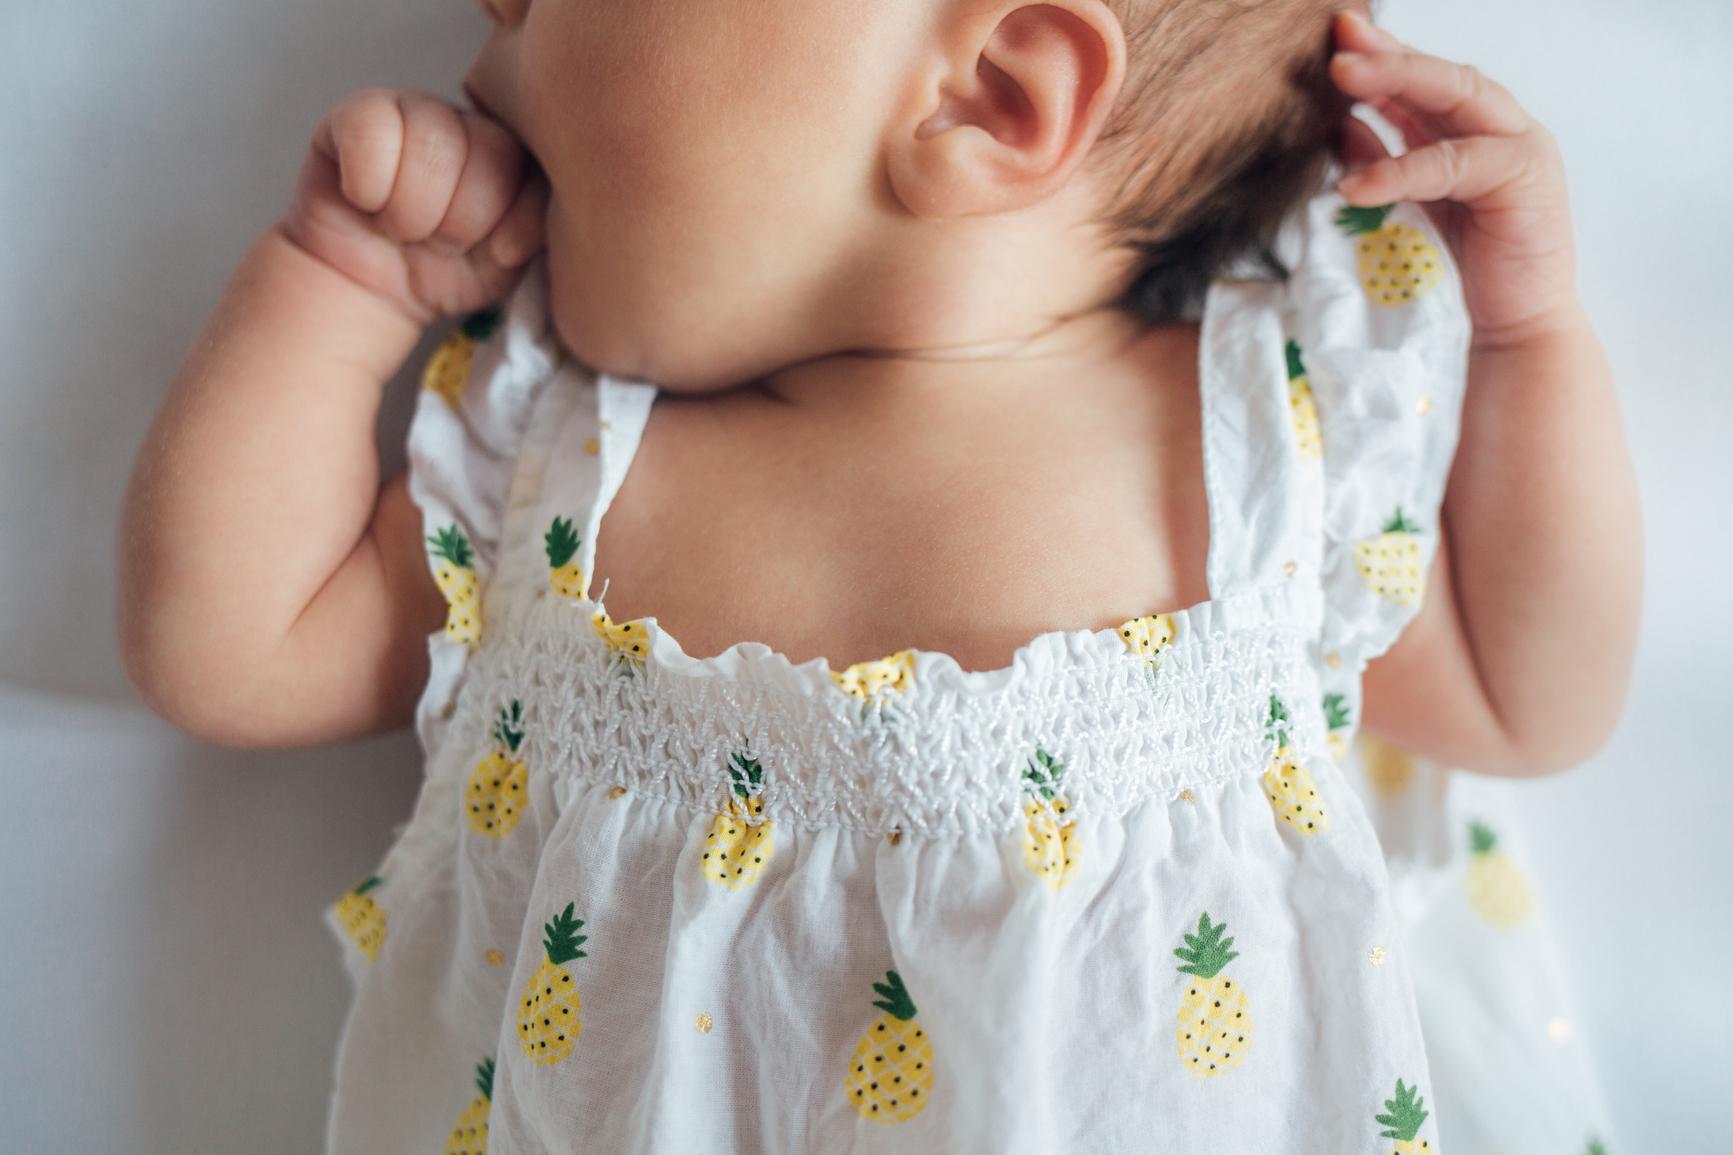 newbornpineapple.jpg